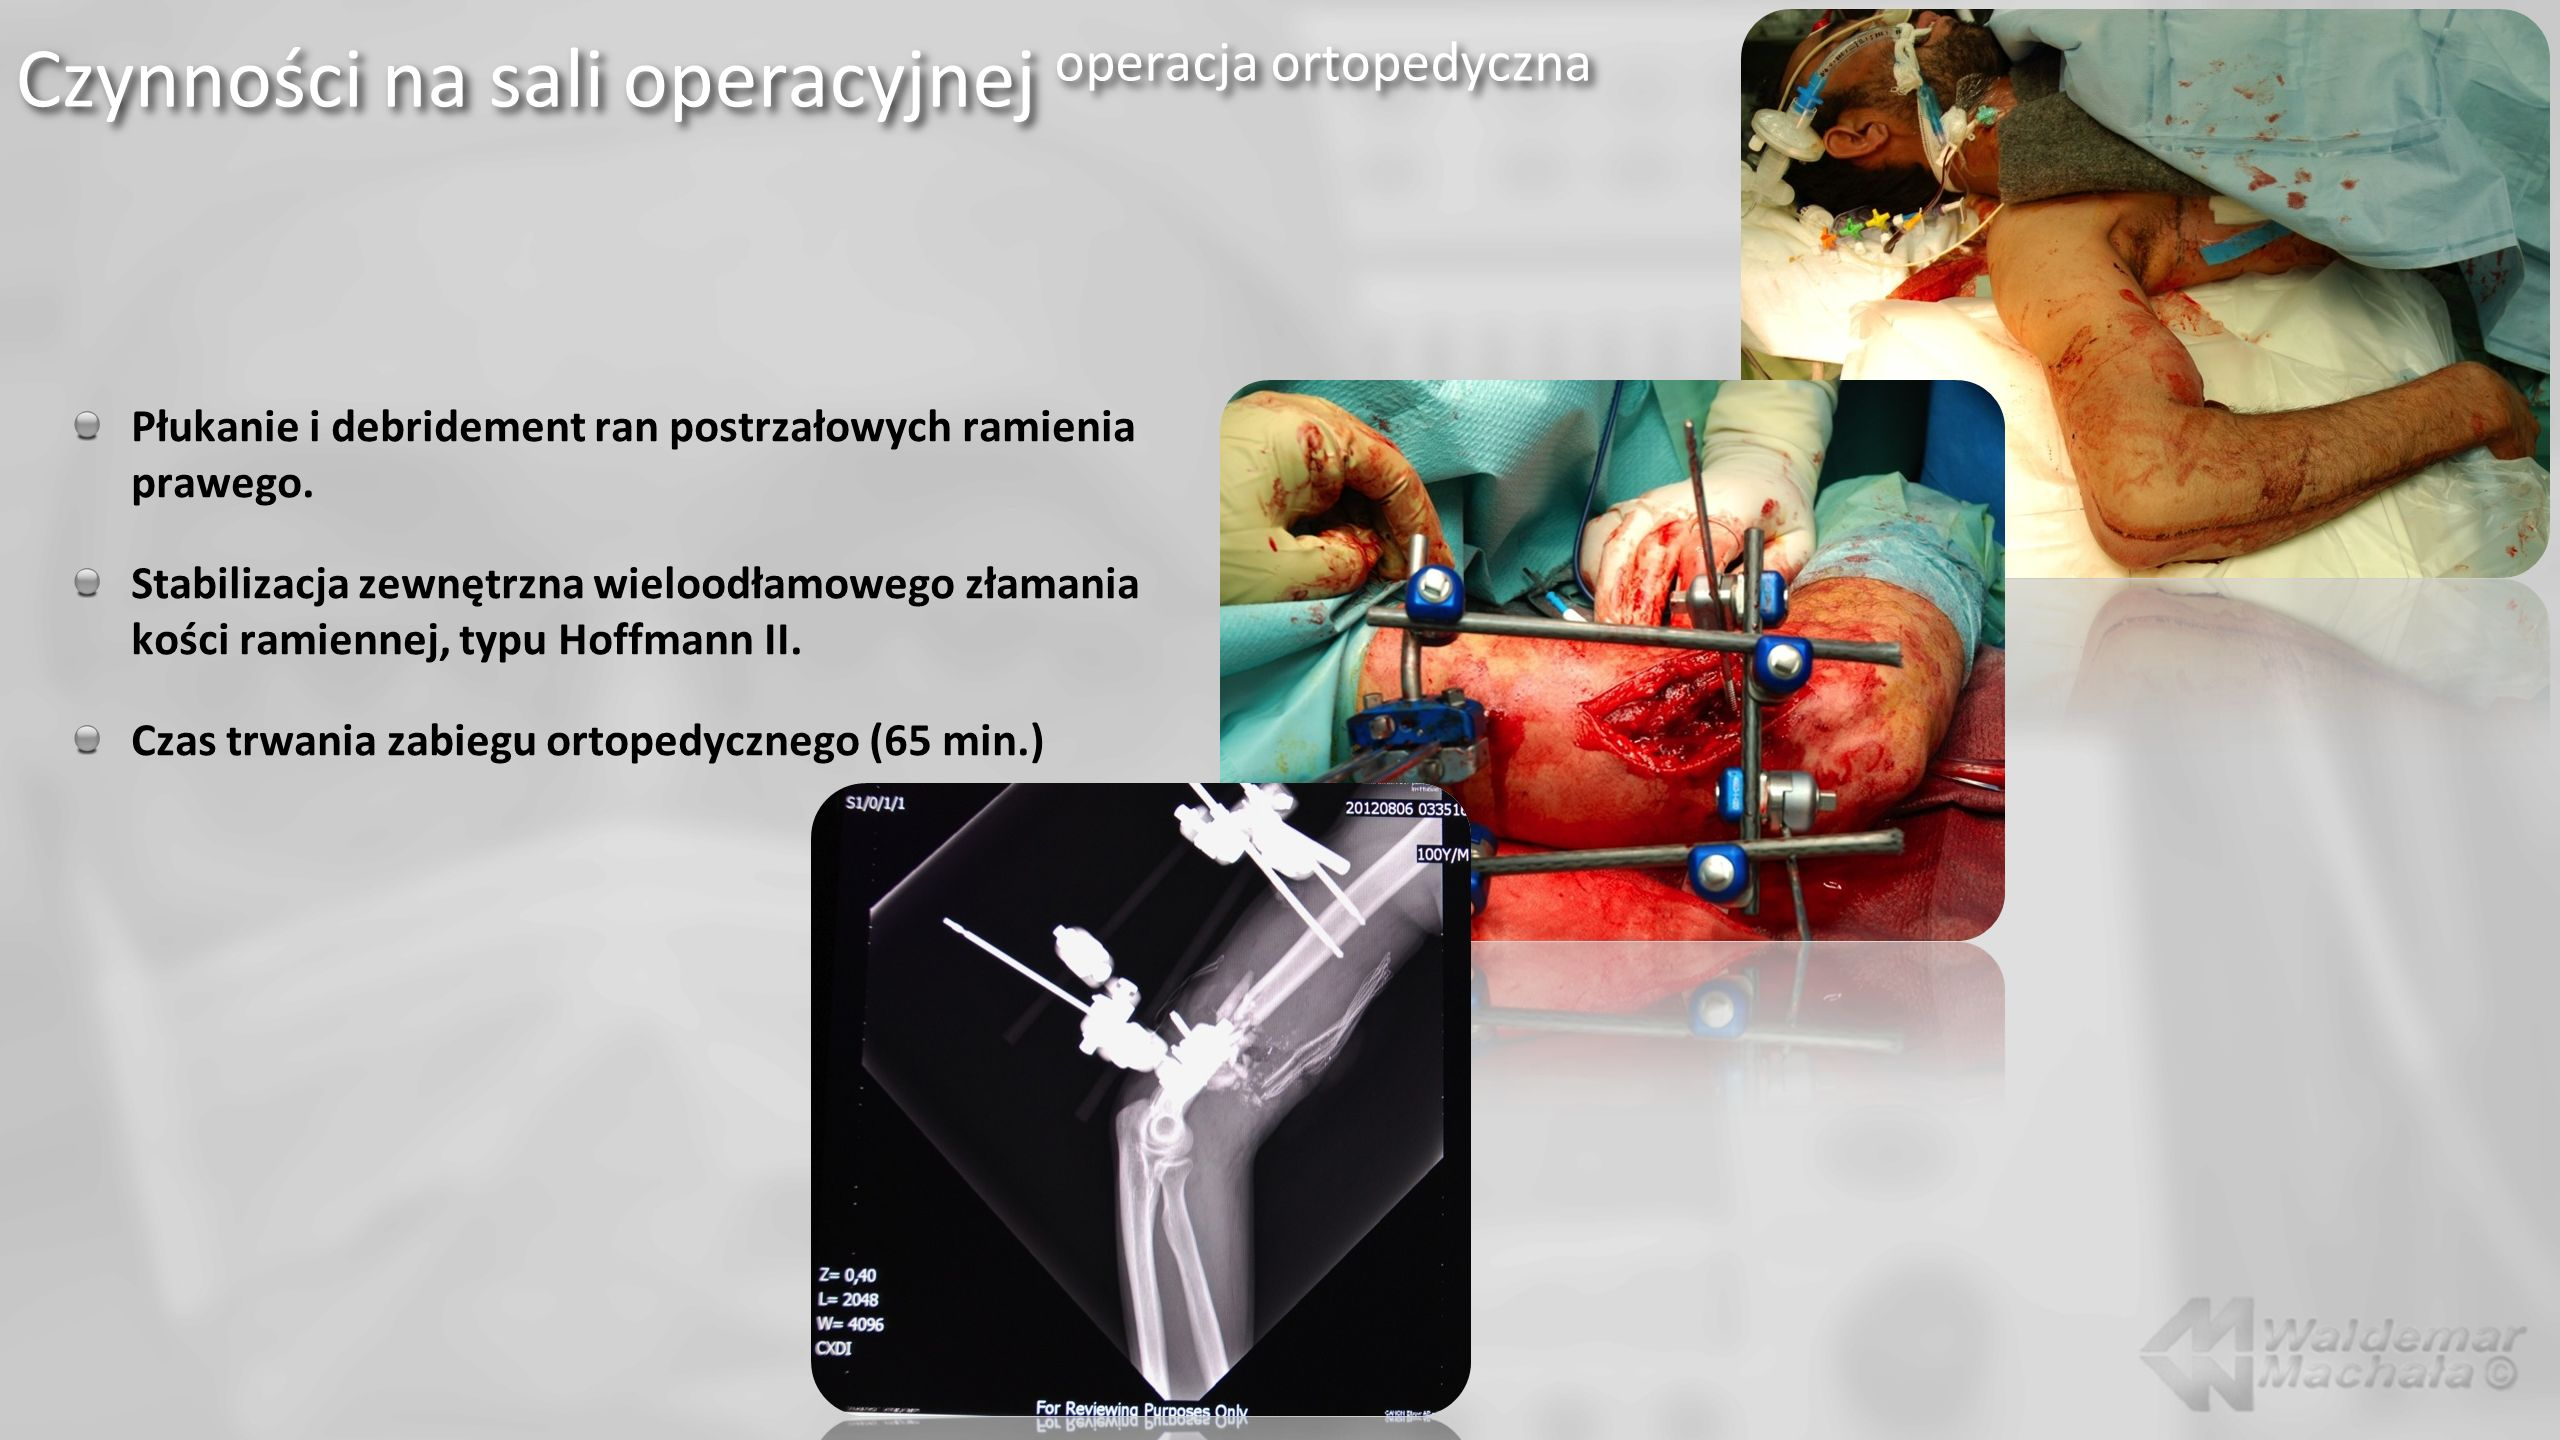 Czynności na sali operacyjnej operacja ortopedyczna